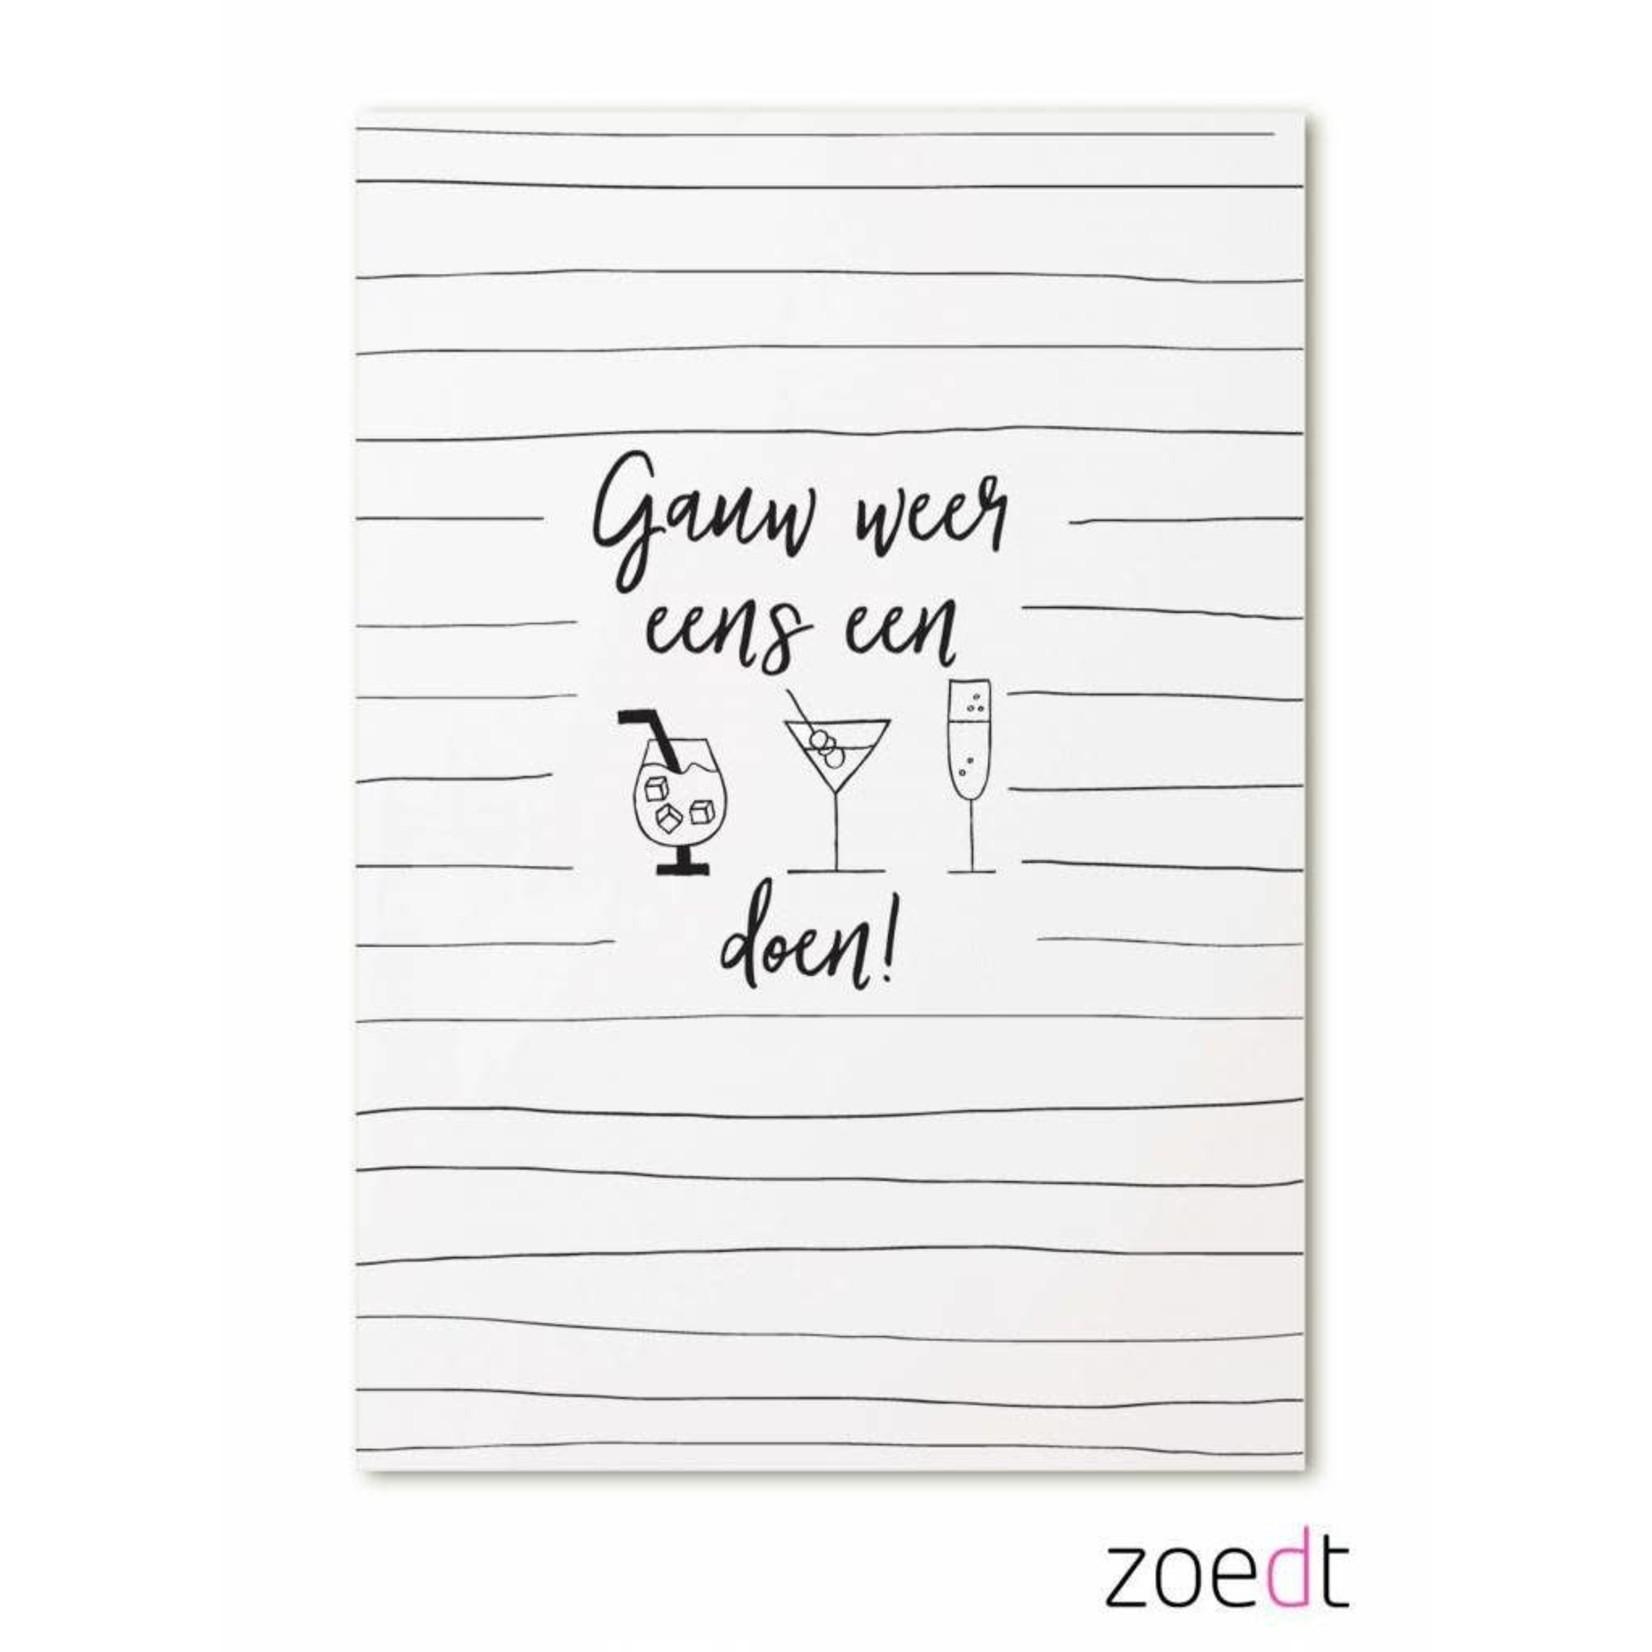 Zoedt Ansichtkaart Gauw weer eens een drankje doen!